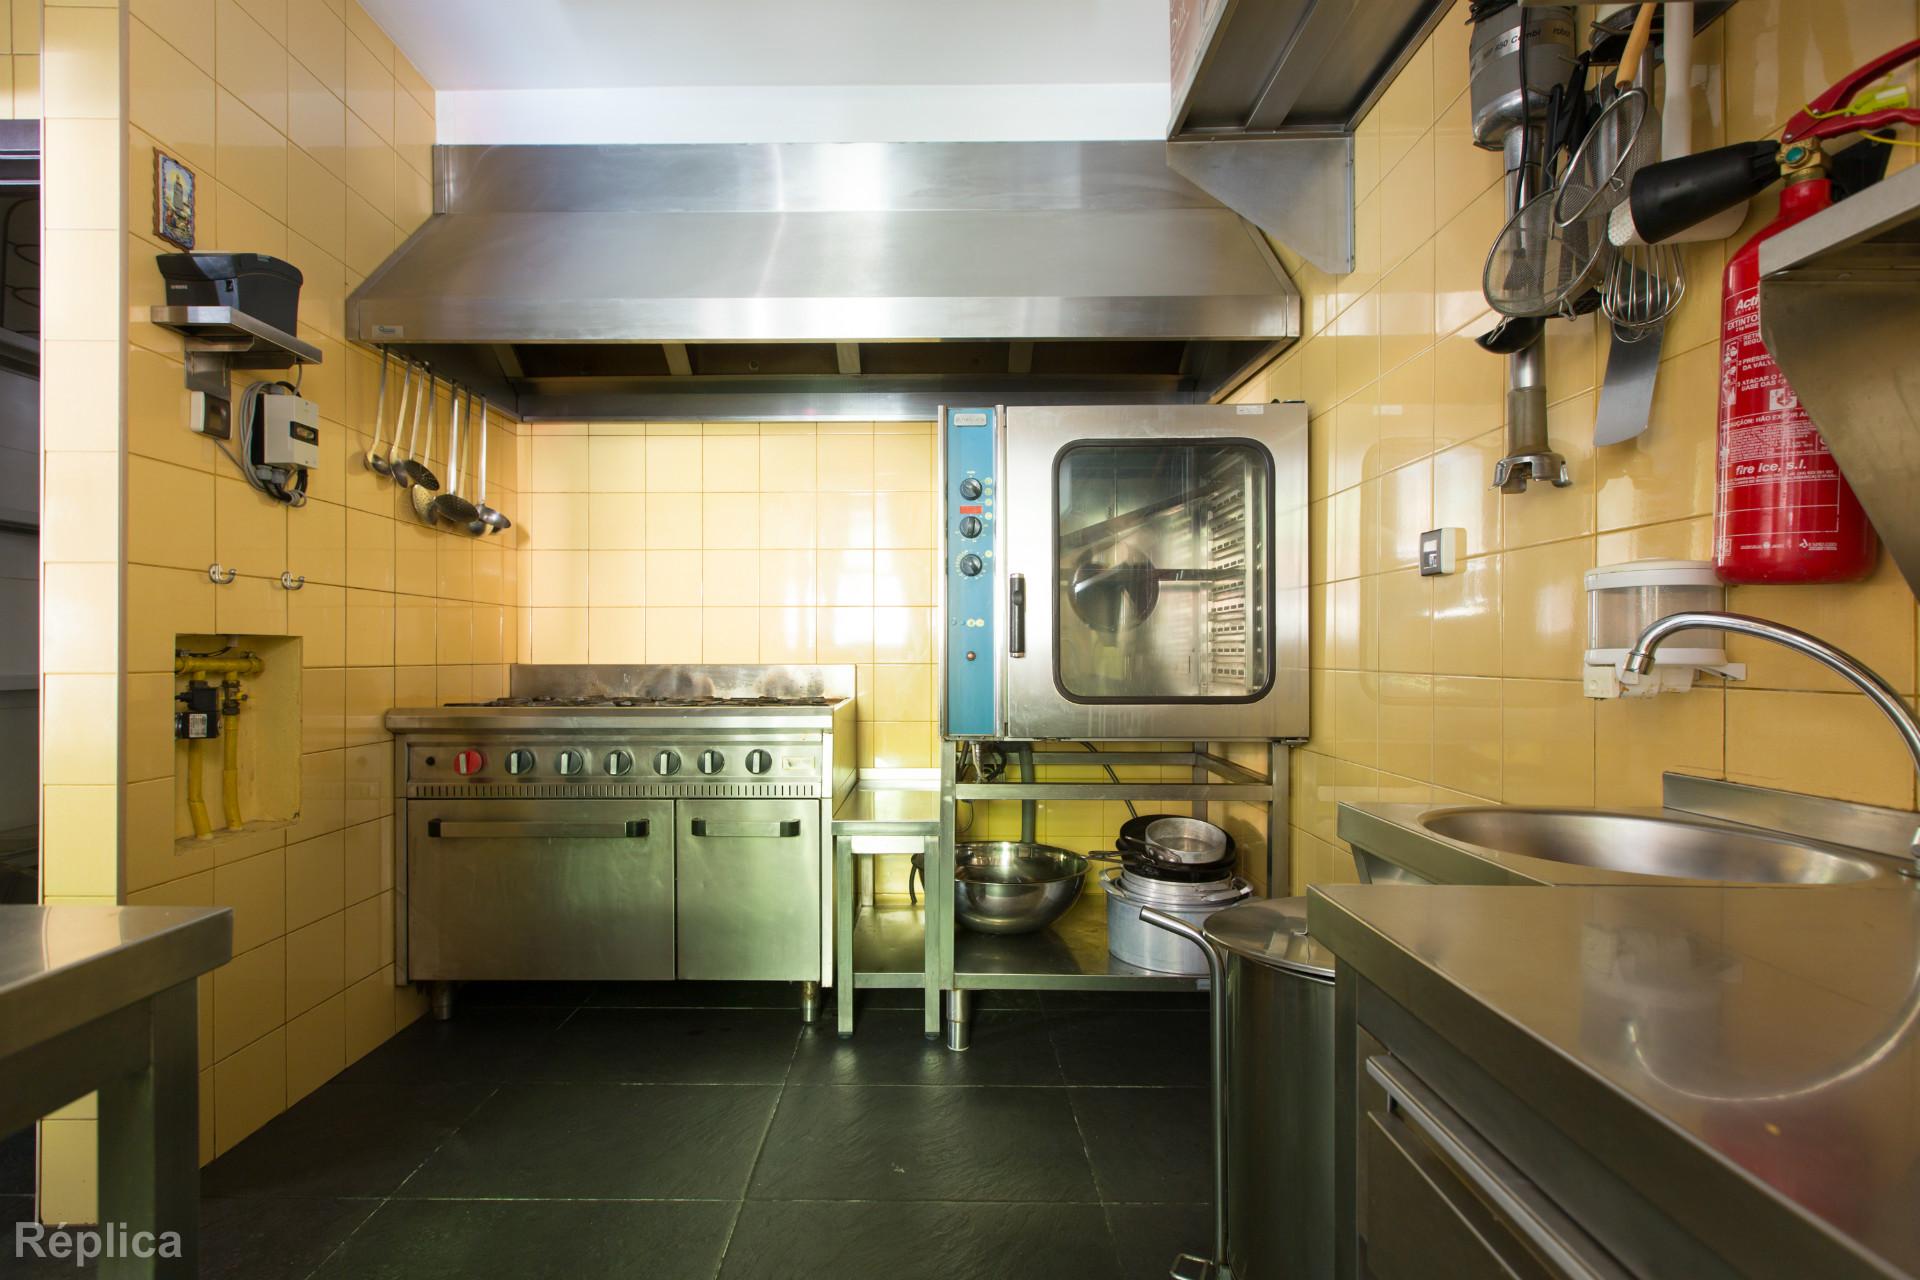 Loja, negócio e equipamento de restaurante, Matosinhos Sul